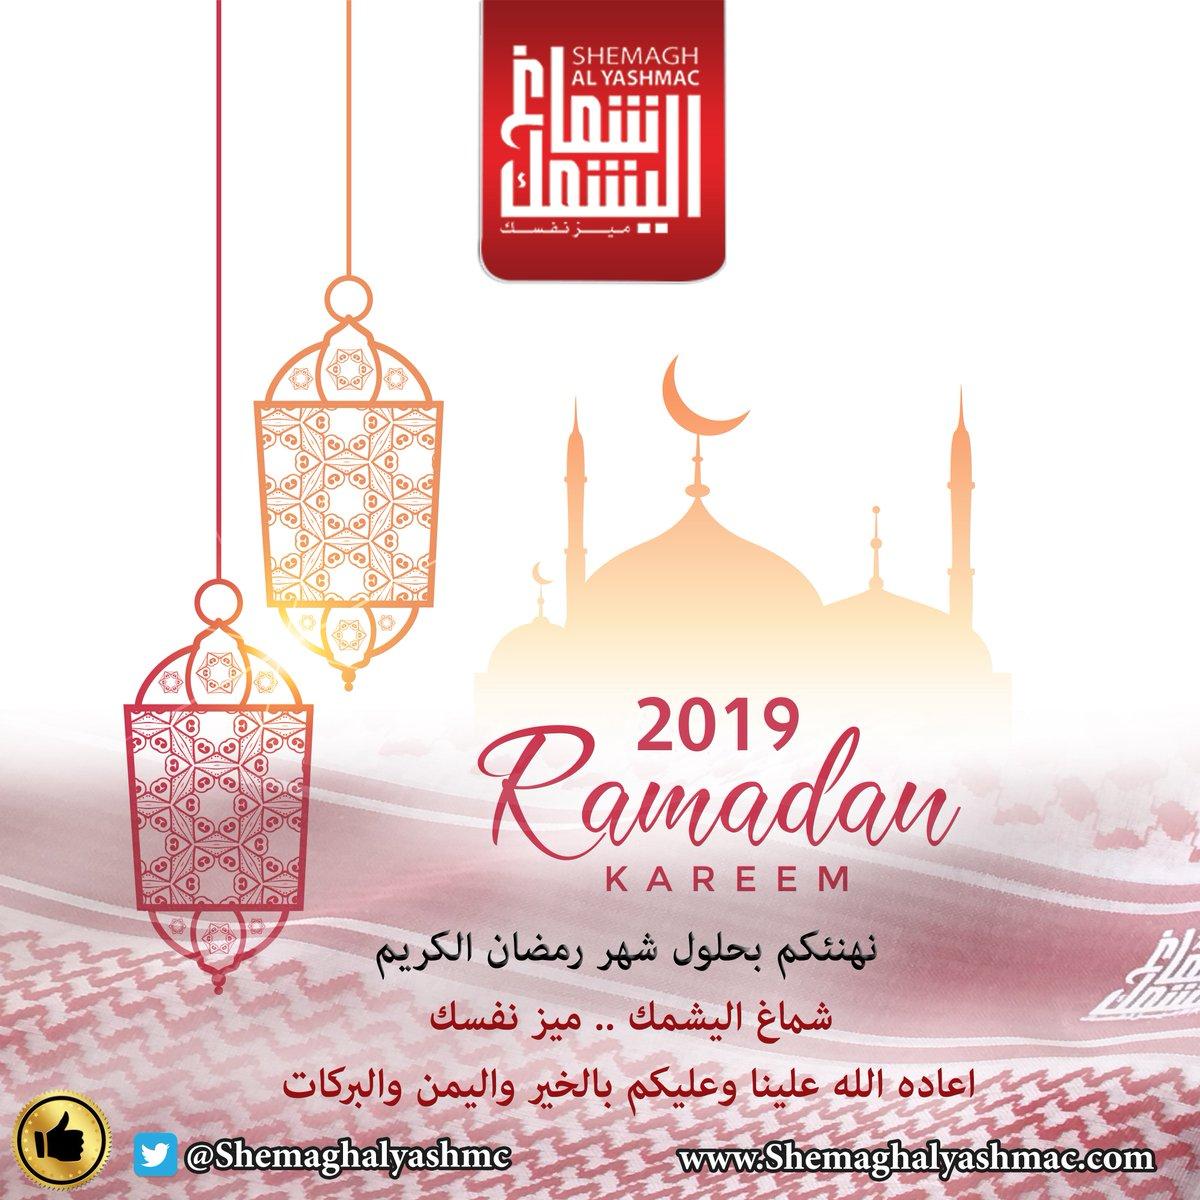 يهنئكم شماغ اليشمك بحلول شهر رمضان الكريم . أعاده الله علينا وعليكم بالخير واليمن والبركات . #رمضان_كريم  #شماغ_اليشمك_الجديد #عروض_شماغ_اليشمك #شماغ_اليشمك .. ميز نفسك #عيش_الفخامه_مع_اشمغة_اليشمك #السعودية #شماغ #عروض #رمضان